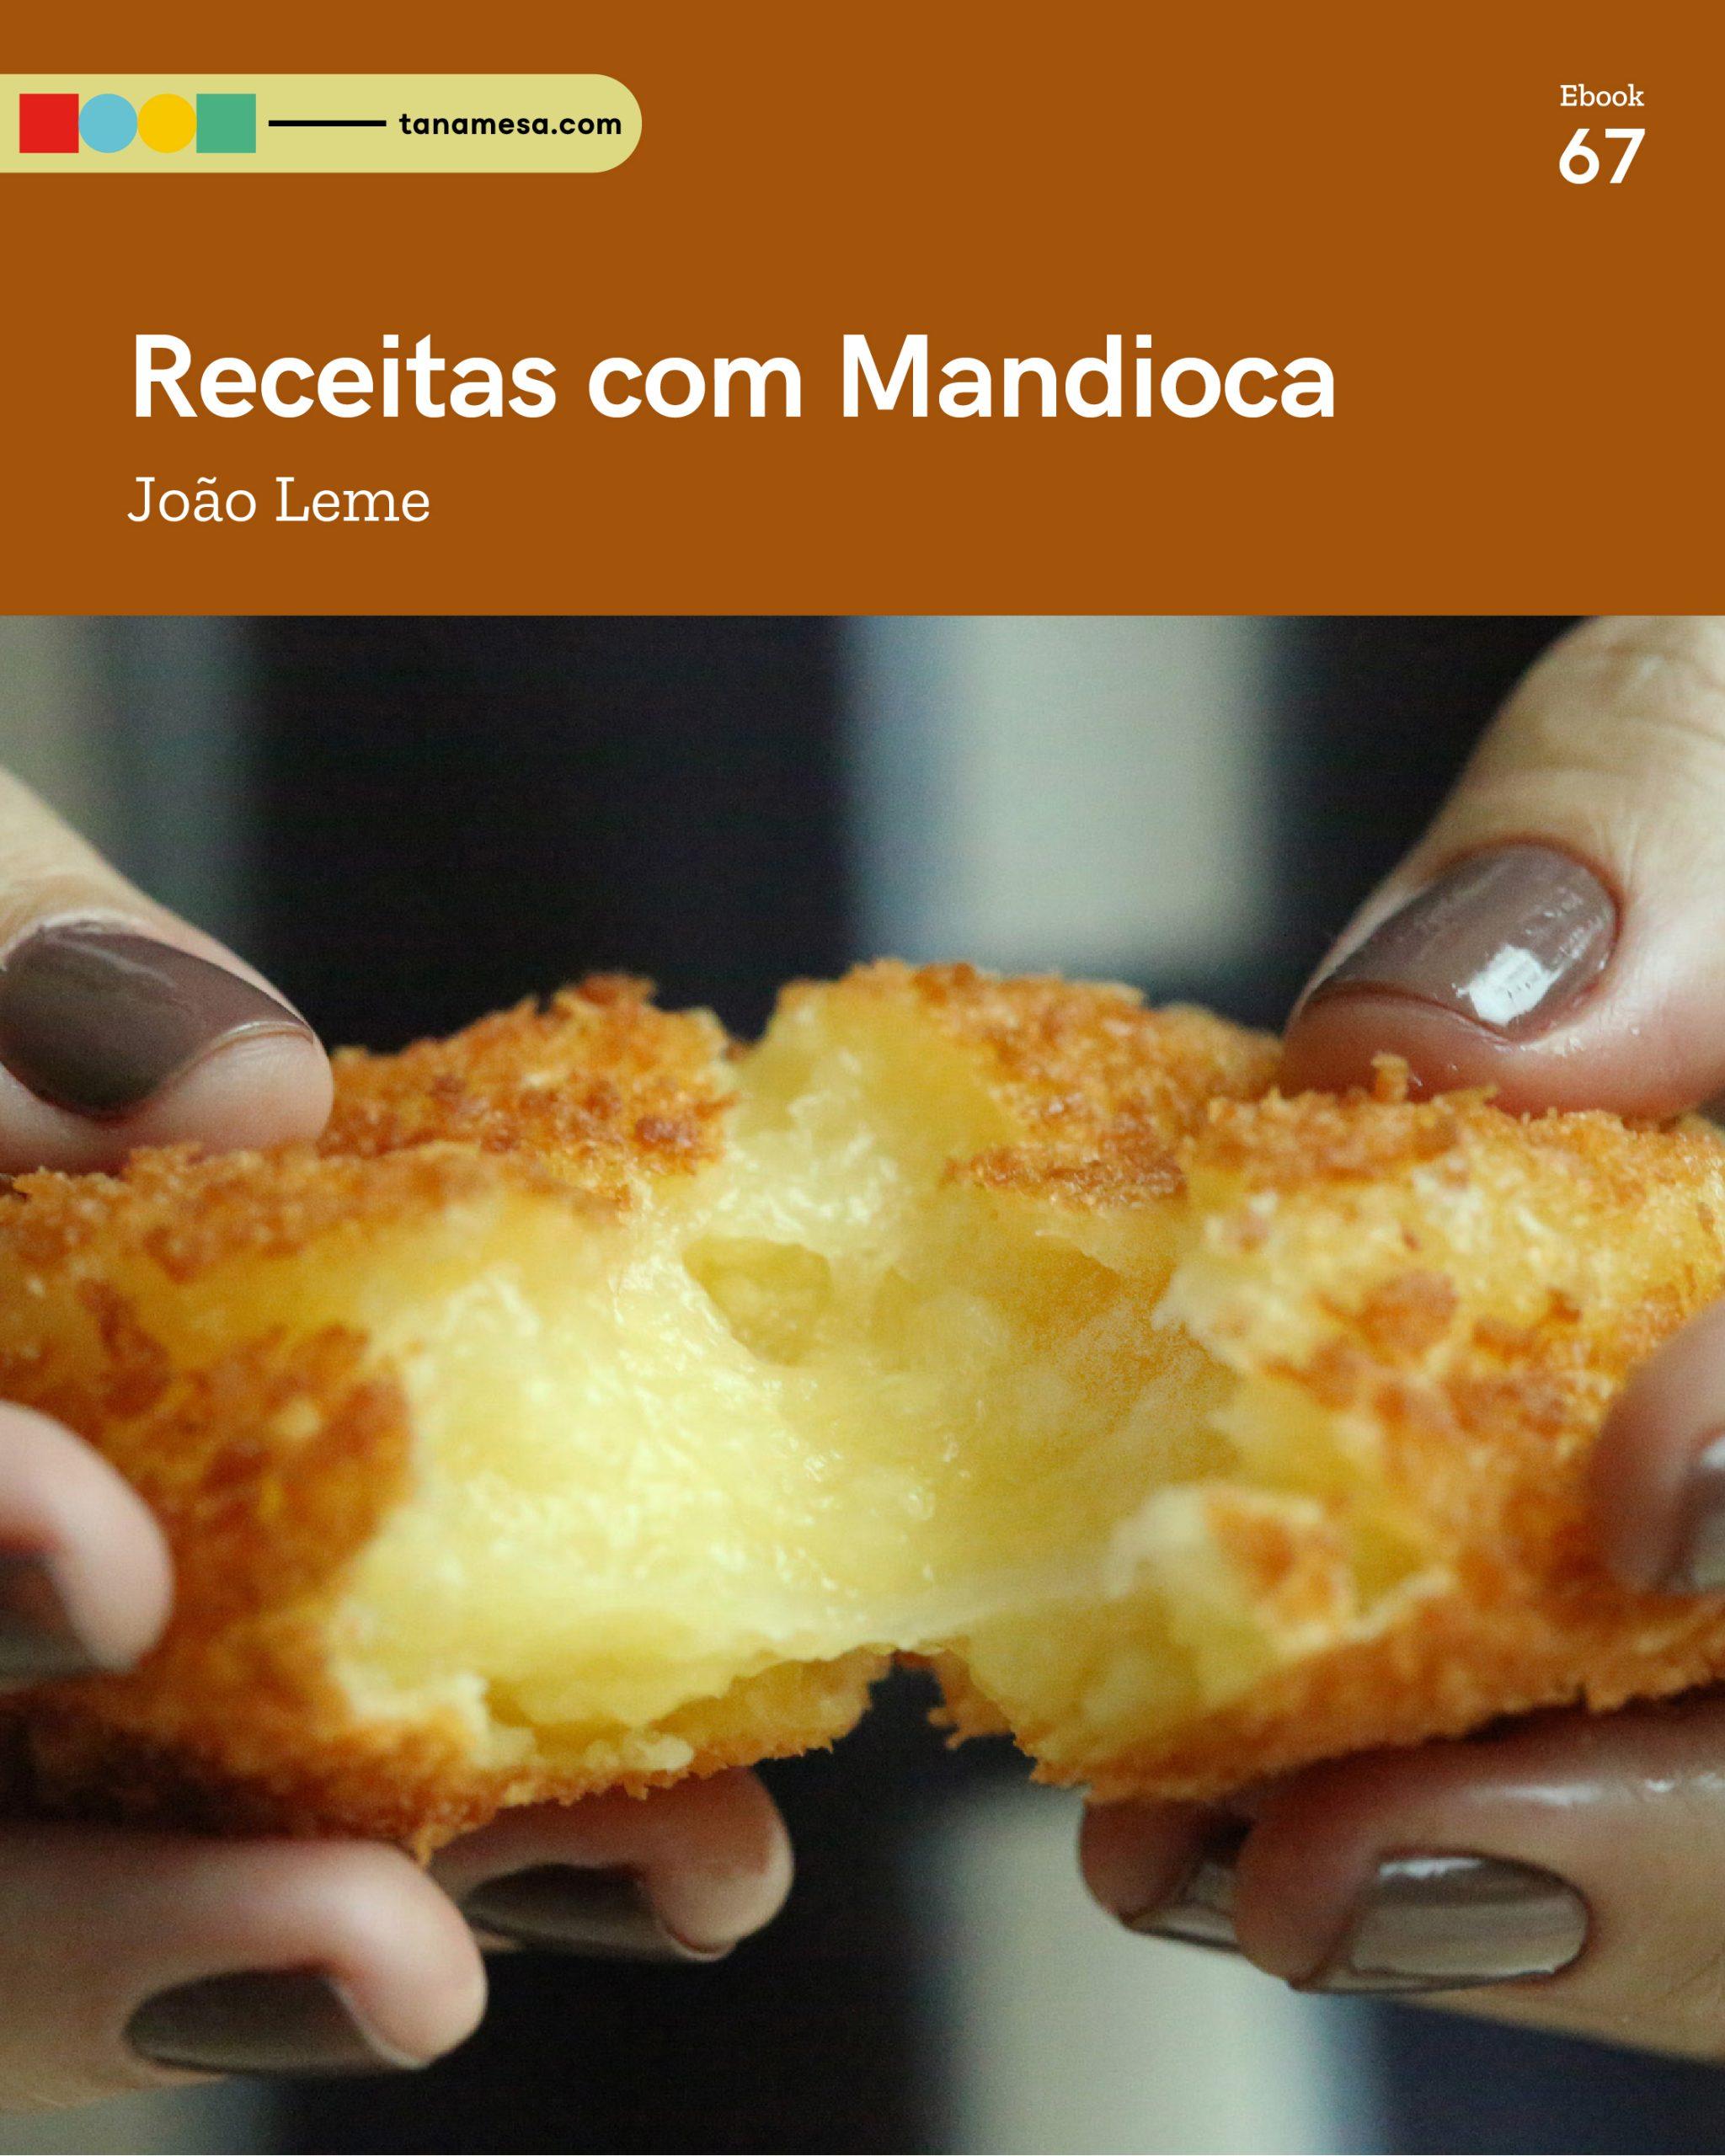 Receitas com Mandioca